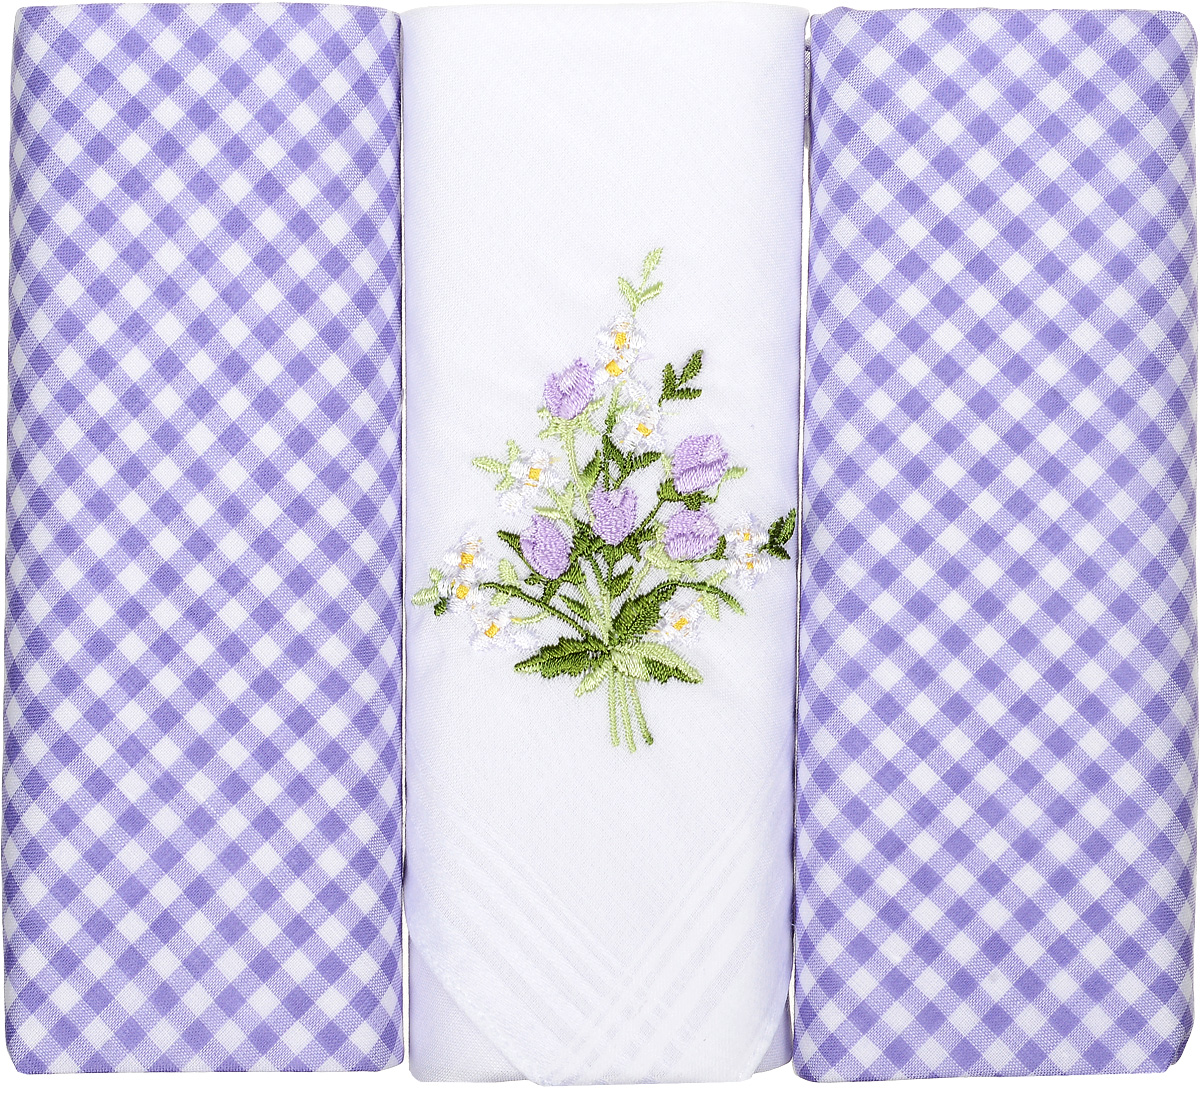 Платок носовой женский Zlata Korunka, цвет: белый, голубой, 3 шт. 90330-3. Размер 28 см х 28 смСерьги с подвескамиНебольшой женский носовой платок Zlata Korunka изготовлен из высококачественного натурального хлопка, благодаря чему приятен в использовании, хорошо стирается, не садится и отлично впитывает влагу. Практичный и изящный носовой платок будет незаменим в повседневной жизни любого современного человека. Такой платок послужит стильным аксессуаром и подчеркнет ваше превосходное чувство вкуса.В комплекте 3 платка.